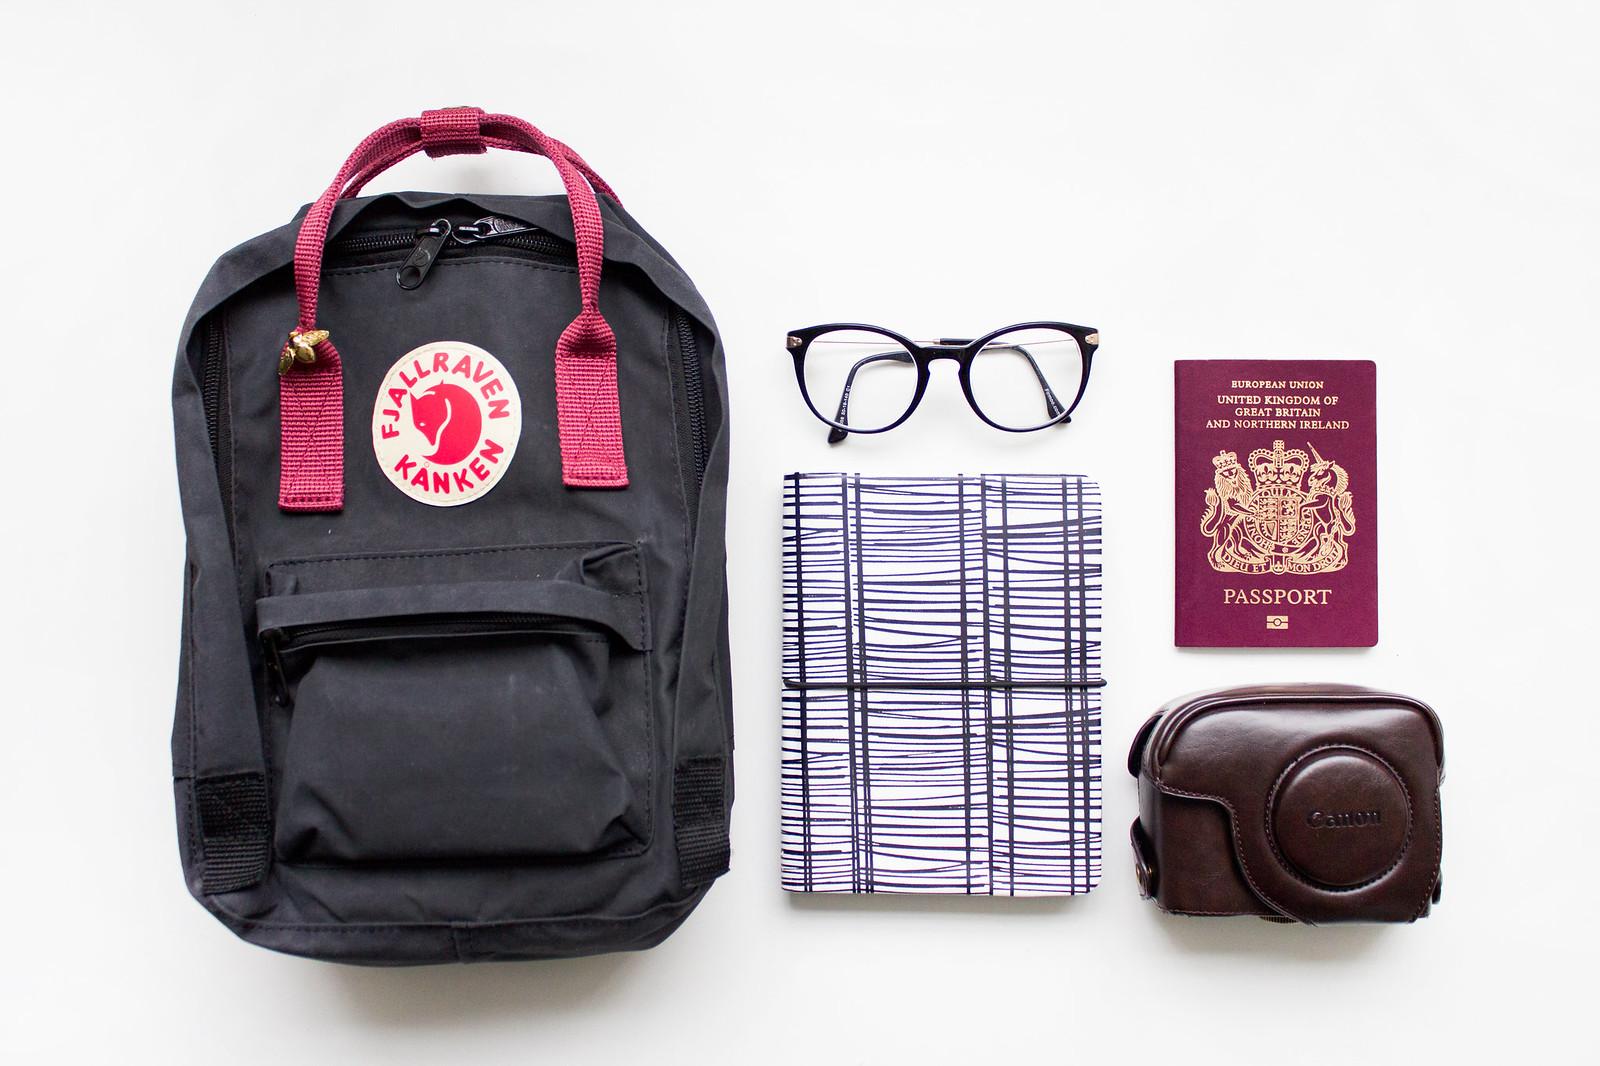 Pack Light, Travel Smart